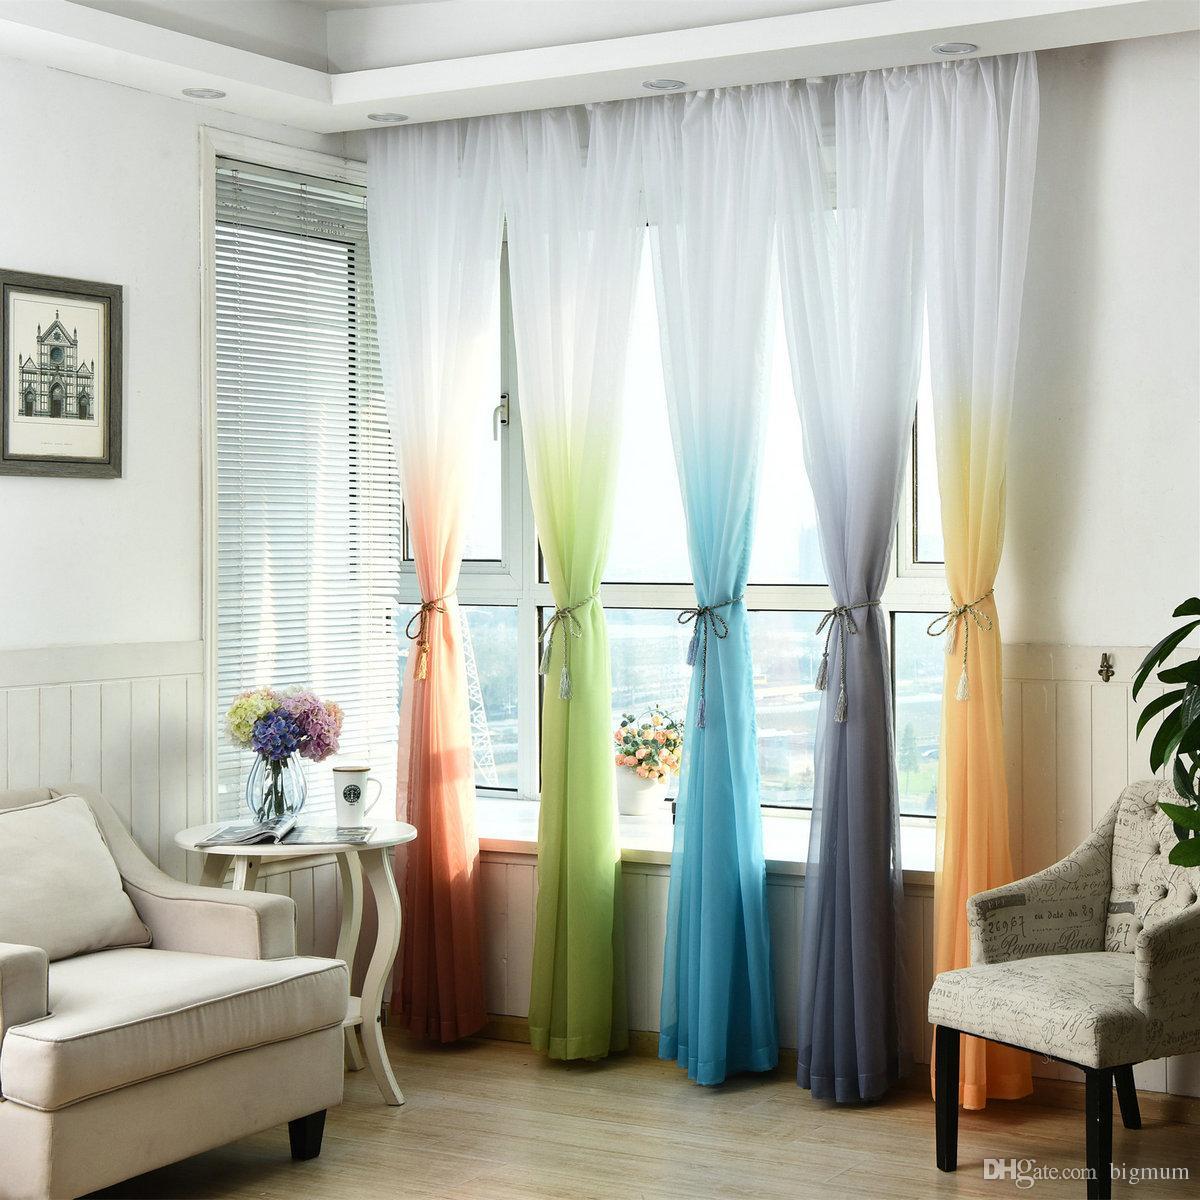 acheter sheer tulle rideau de fenetre pour salon cuisine moderne modele voil avec couleur lumineuse pour decoration de fenetre style minimaliste de